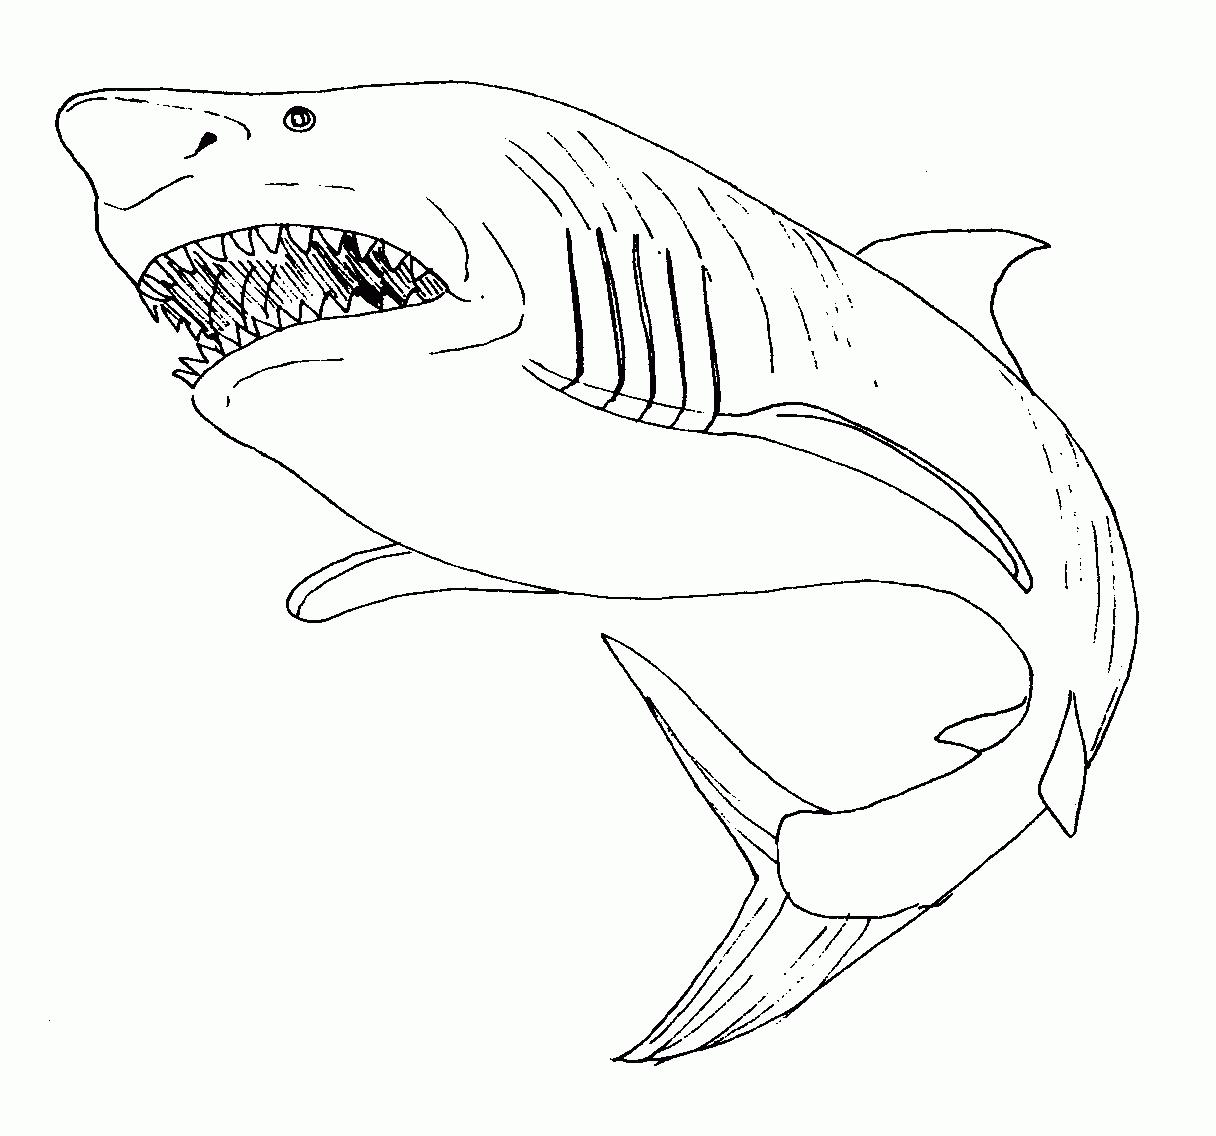 Requin #58 (Animaux) – Coloriages À Imprimer encequiconcerne Coloriage Requin Blanc Imprimer